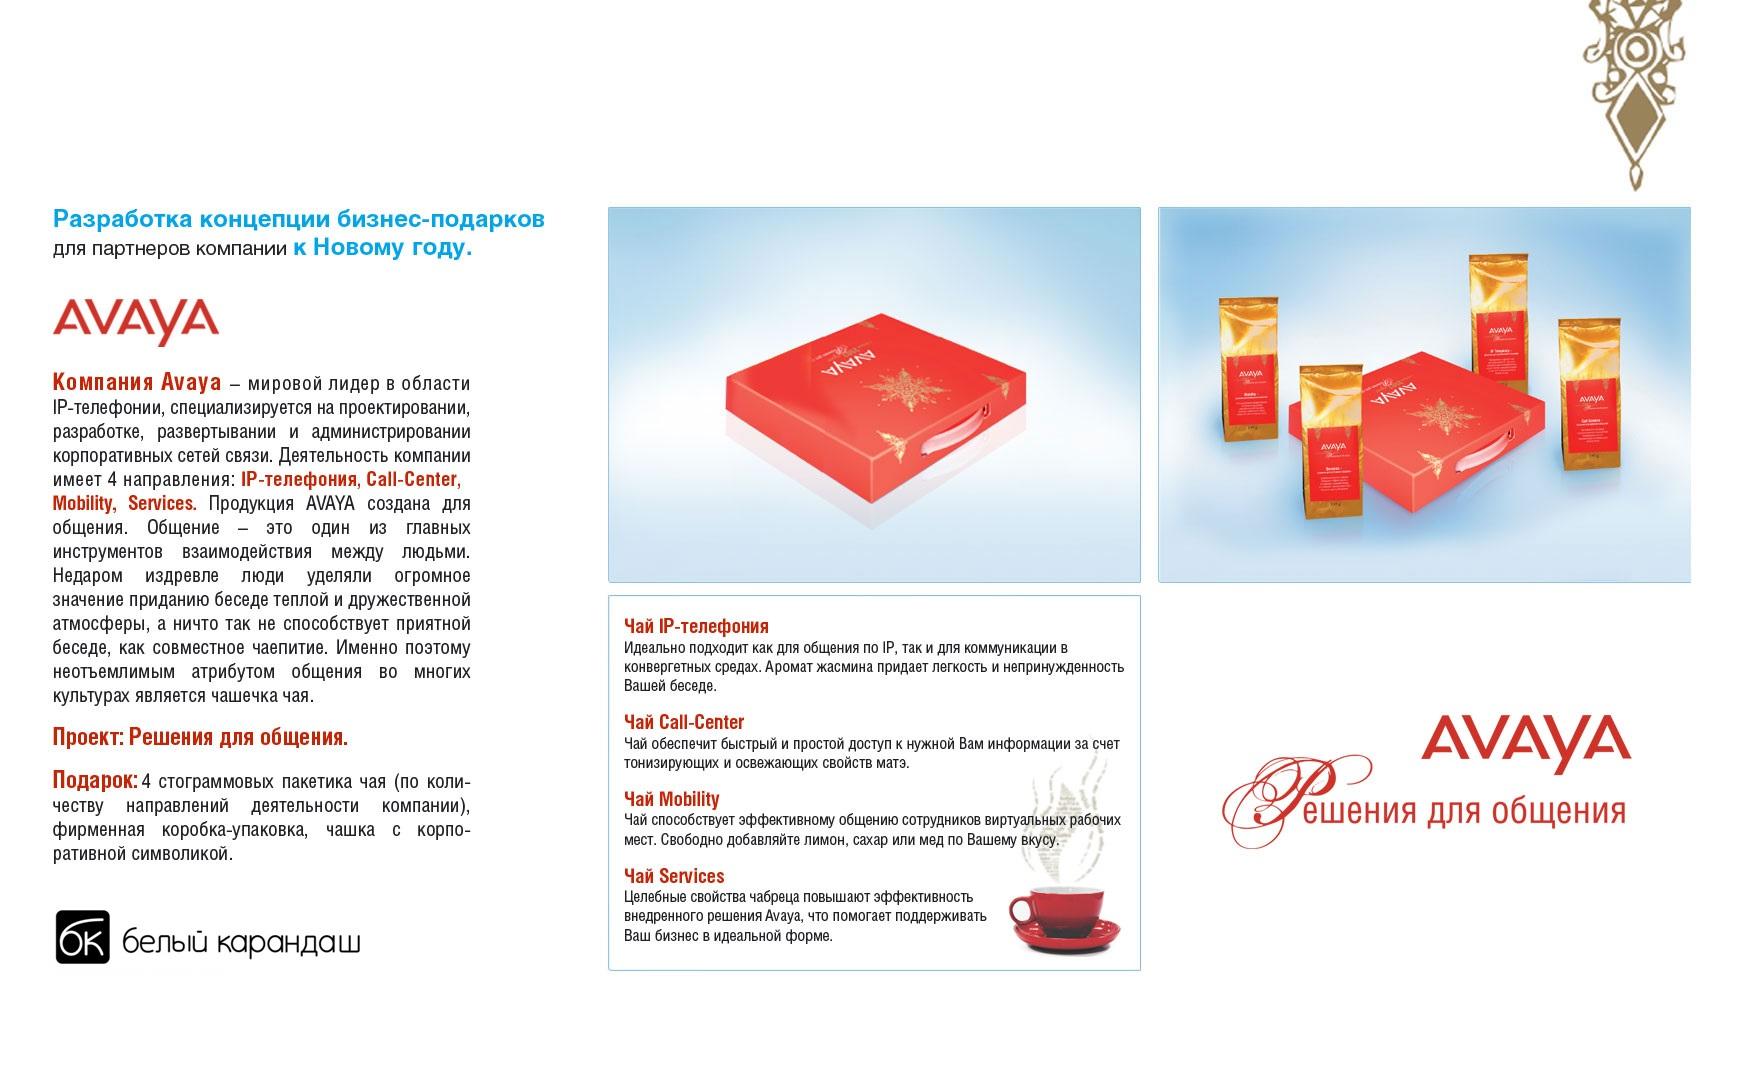 Сувенирная продукция оптом в Москве  Бизнес сувениры с